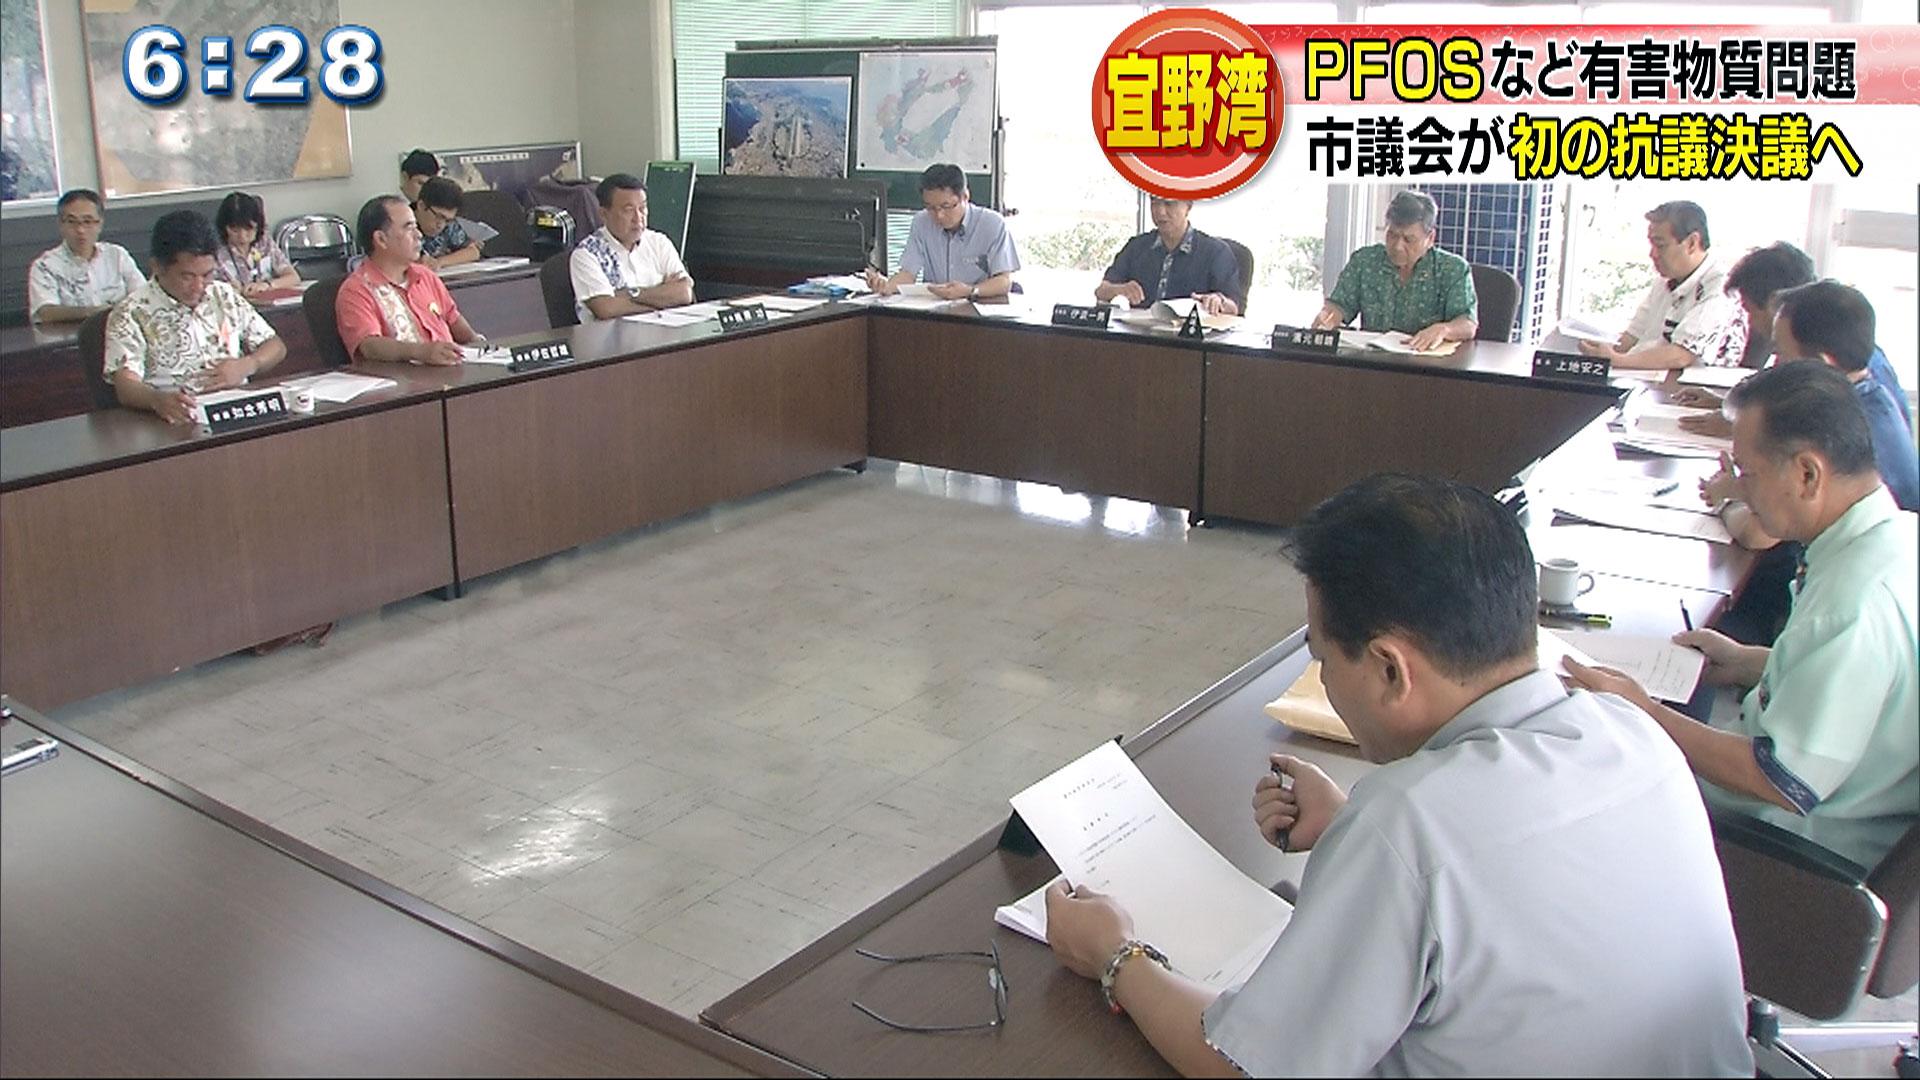 宜野湾市議会議運委 基地内への立ち入り調査求める